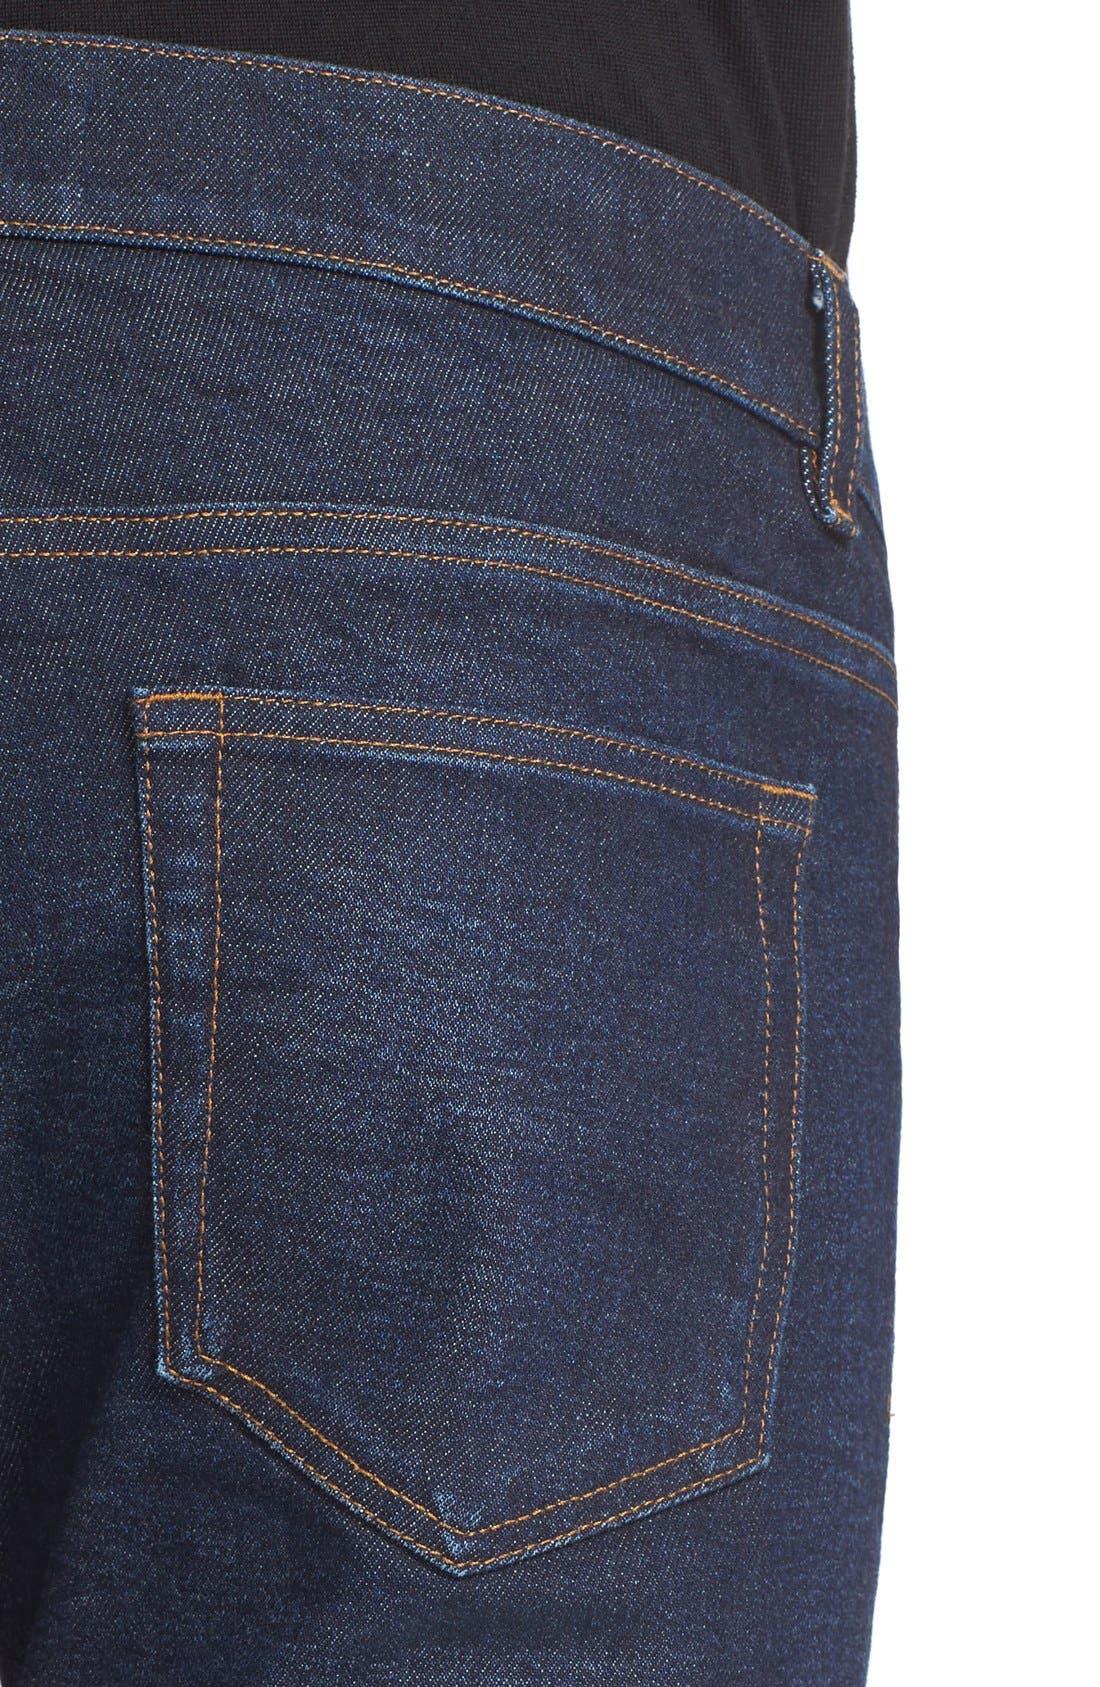 Ace Slim Fit Jeans,                             Alternate thumbnail 3, color,                             400